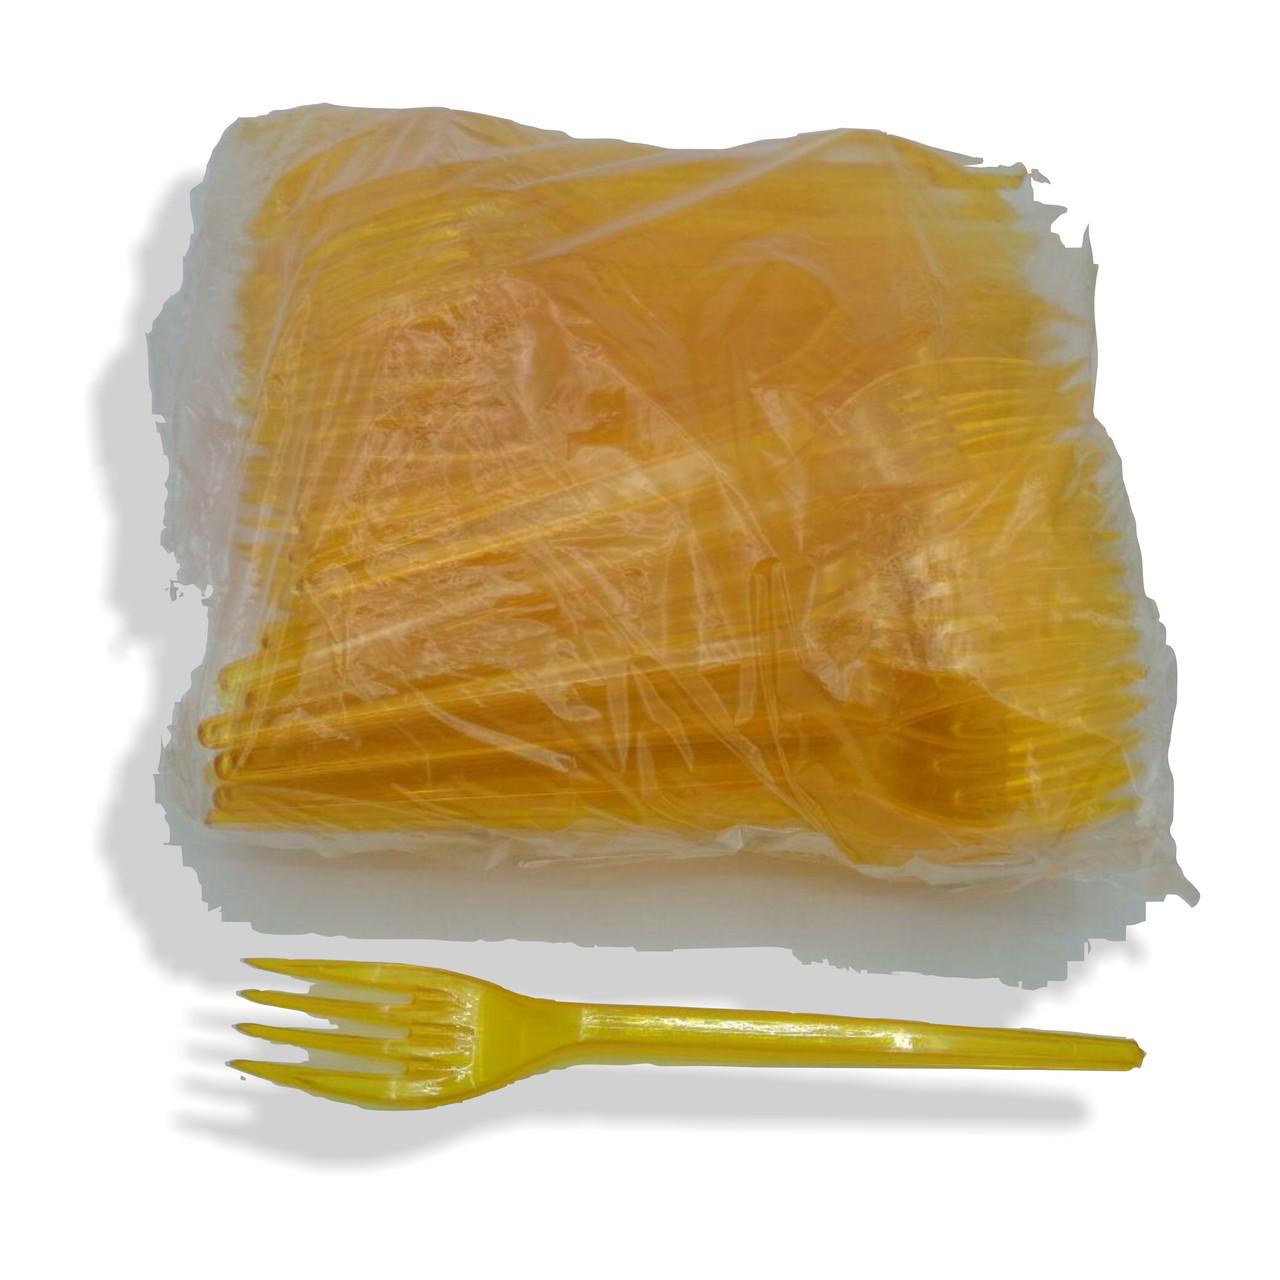 Вилки пластиковые плотные желтые 100 шт 16 см Юнита